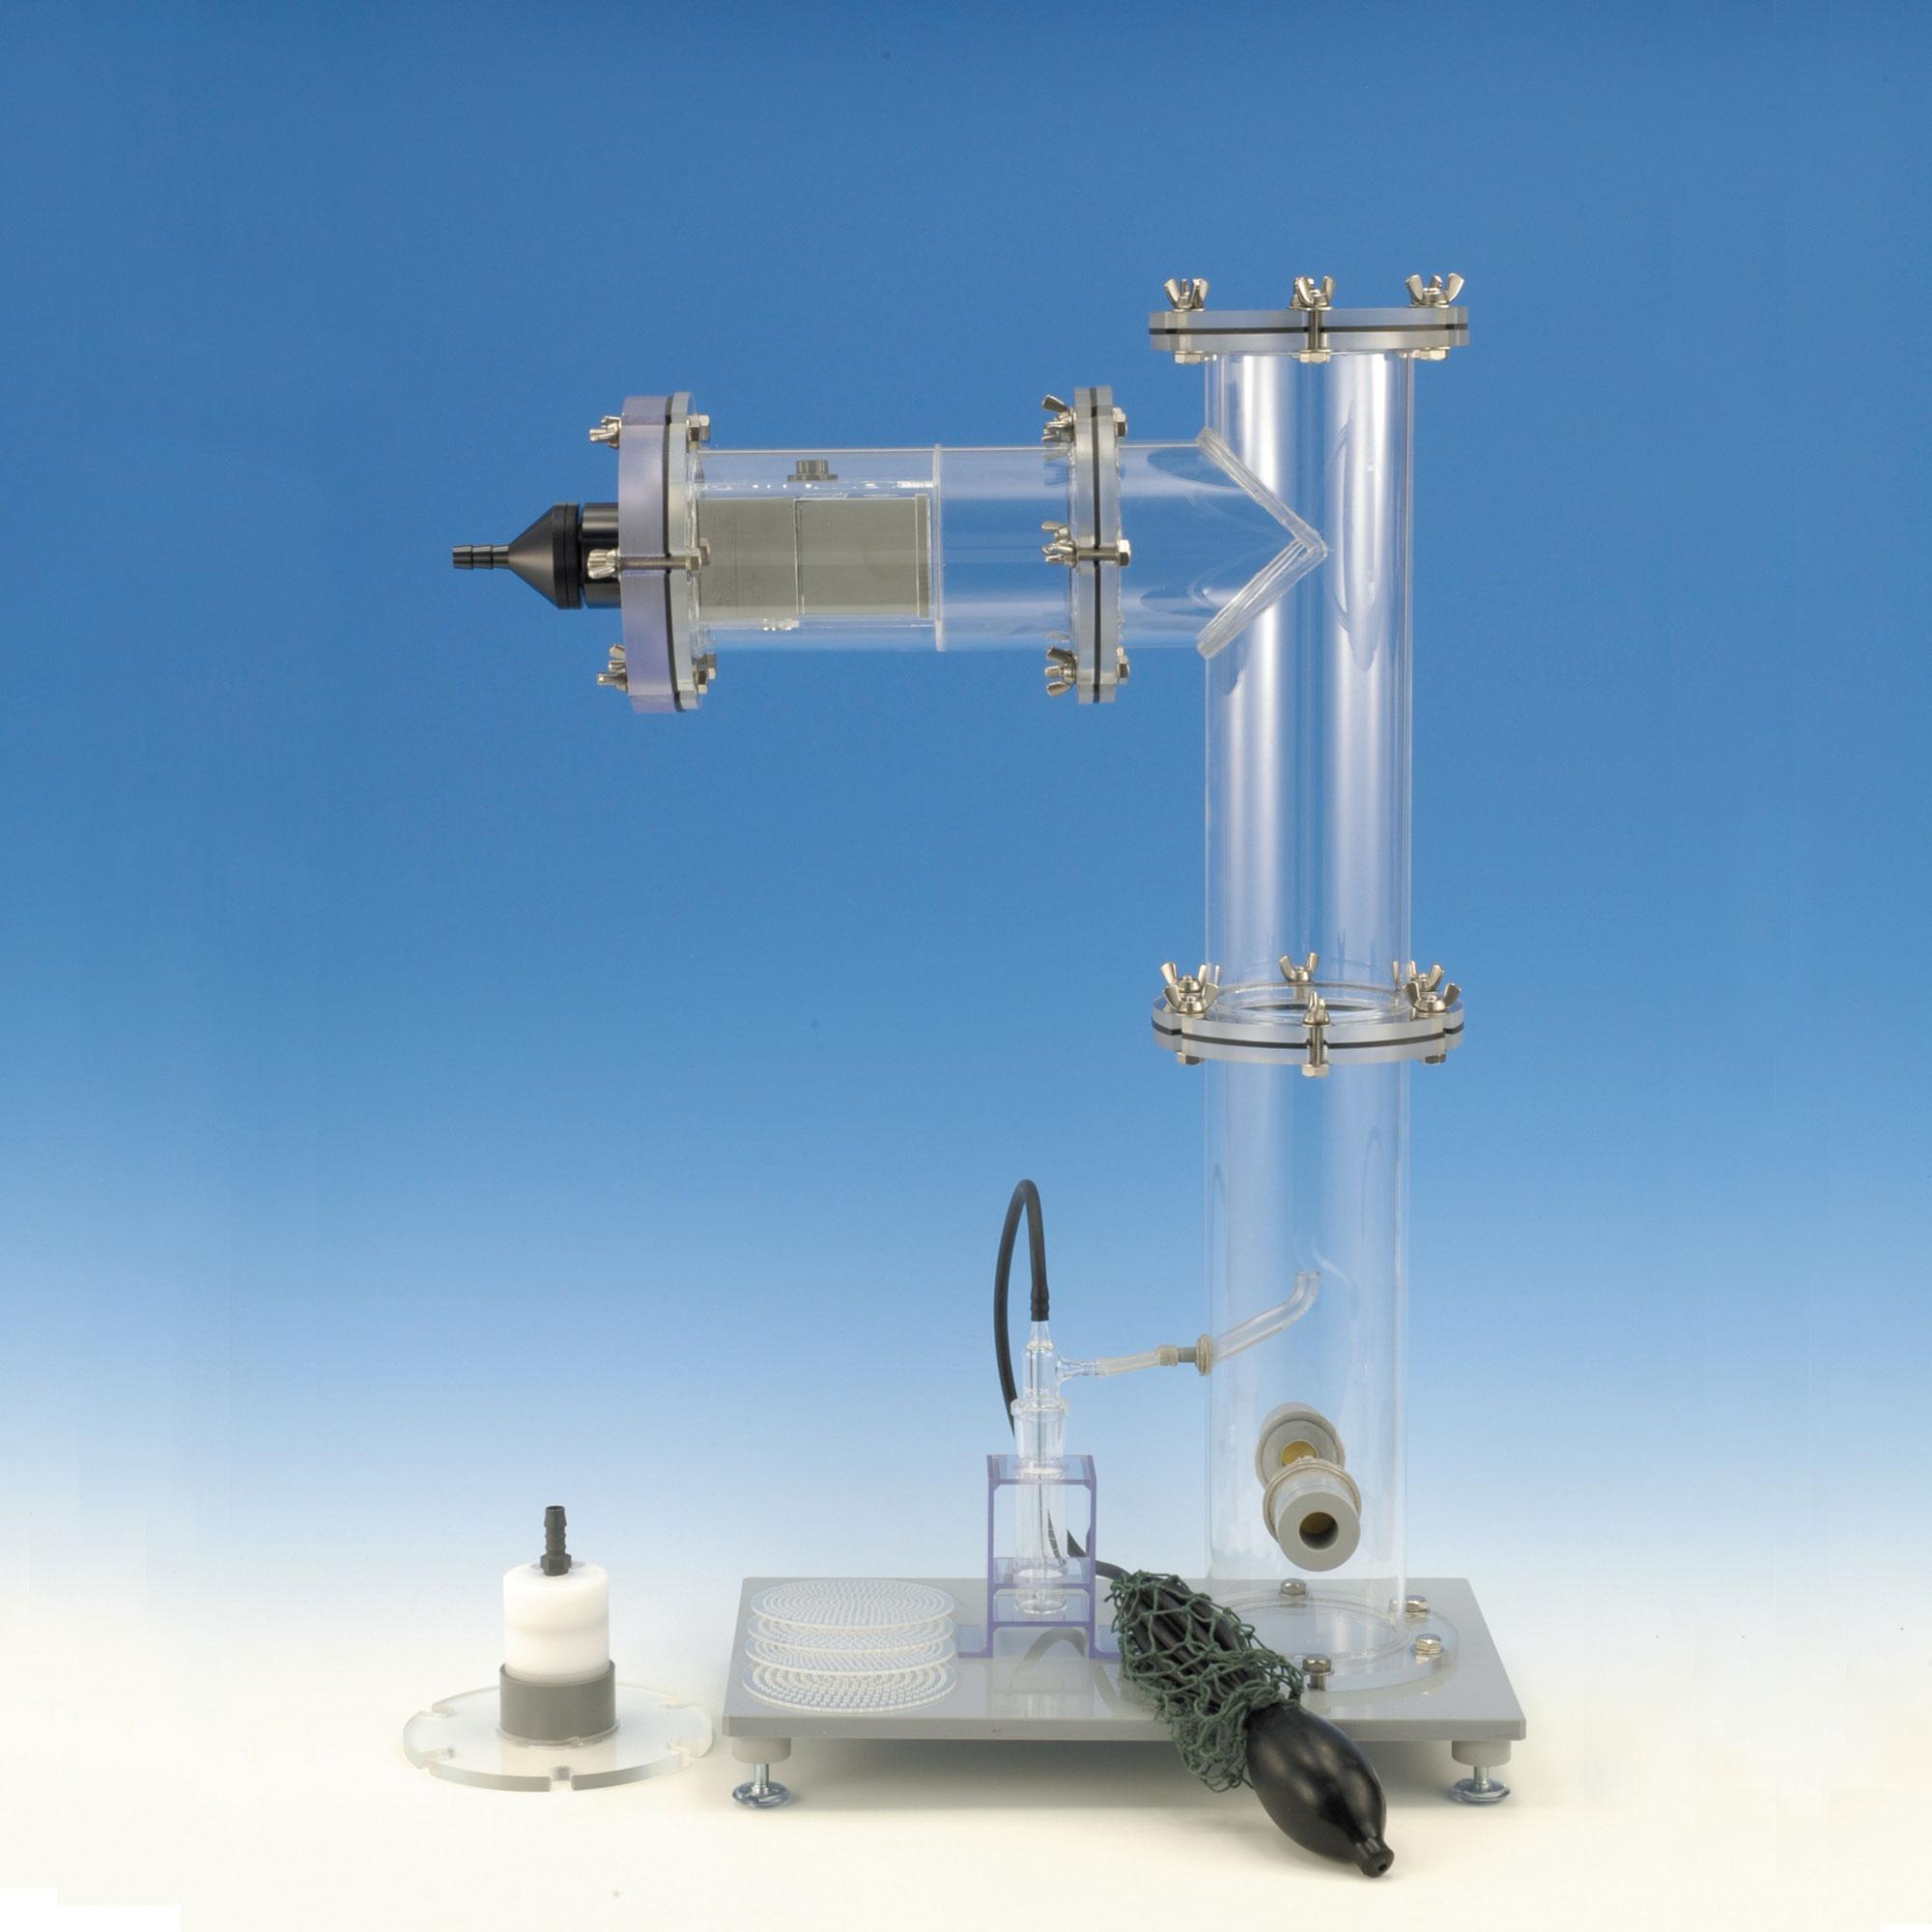 沉积粉尘复发尘装置SKY - 2型|柴田科技有限公司-环境检测设备、科学仪器的制造销售